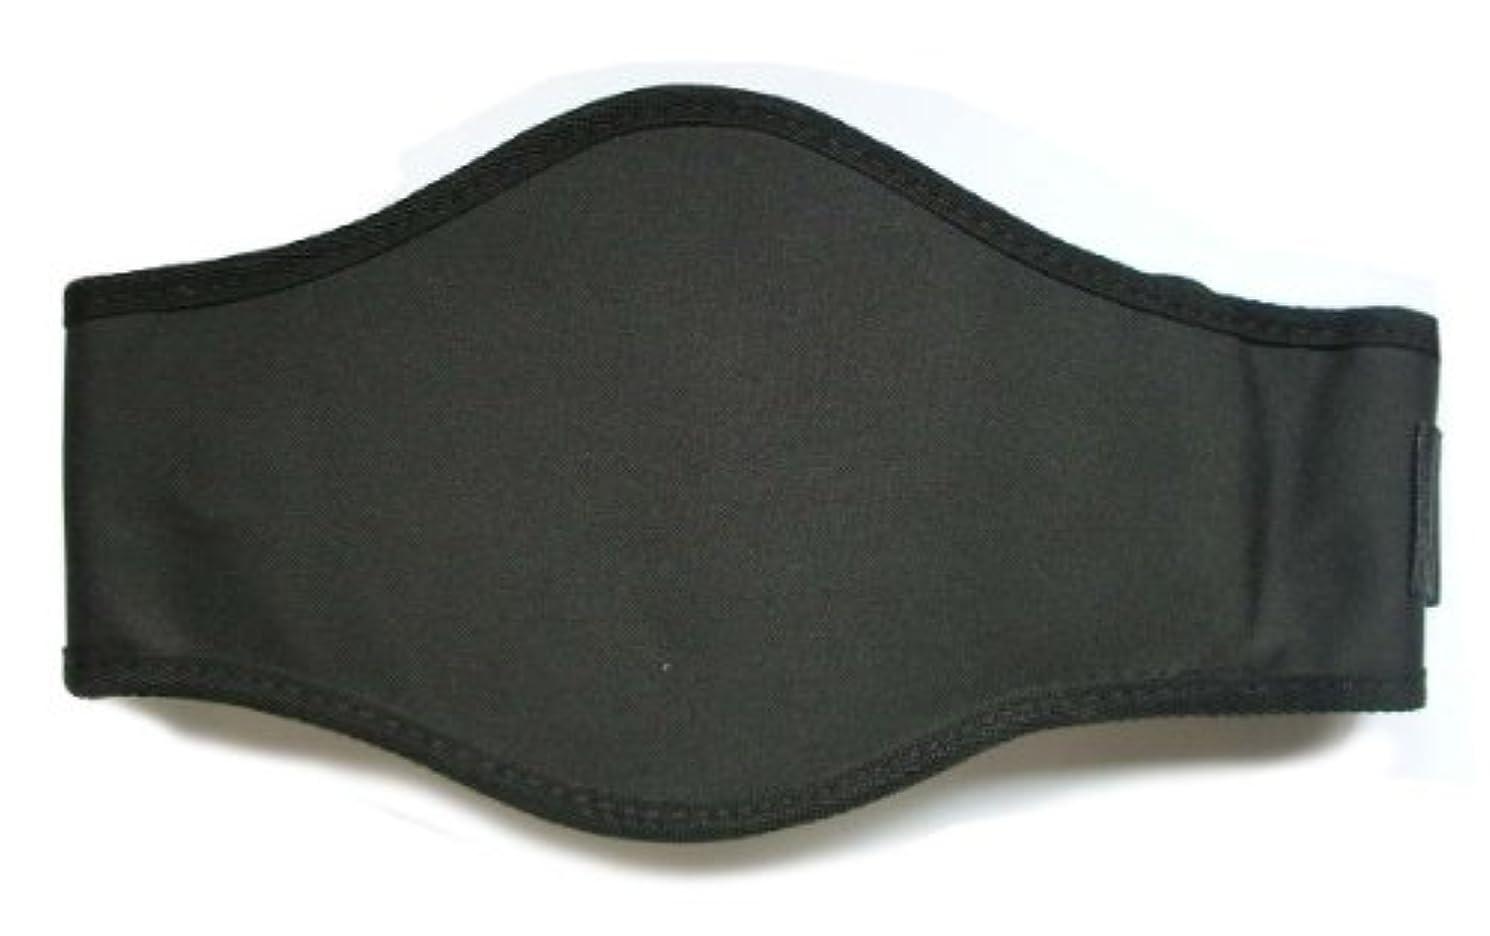 グレートオーク注入スロー脊髄ライン 保護ベルト L